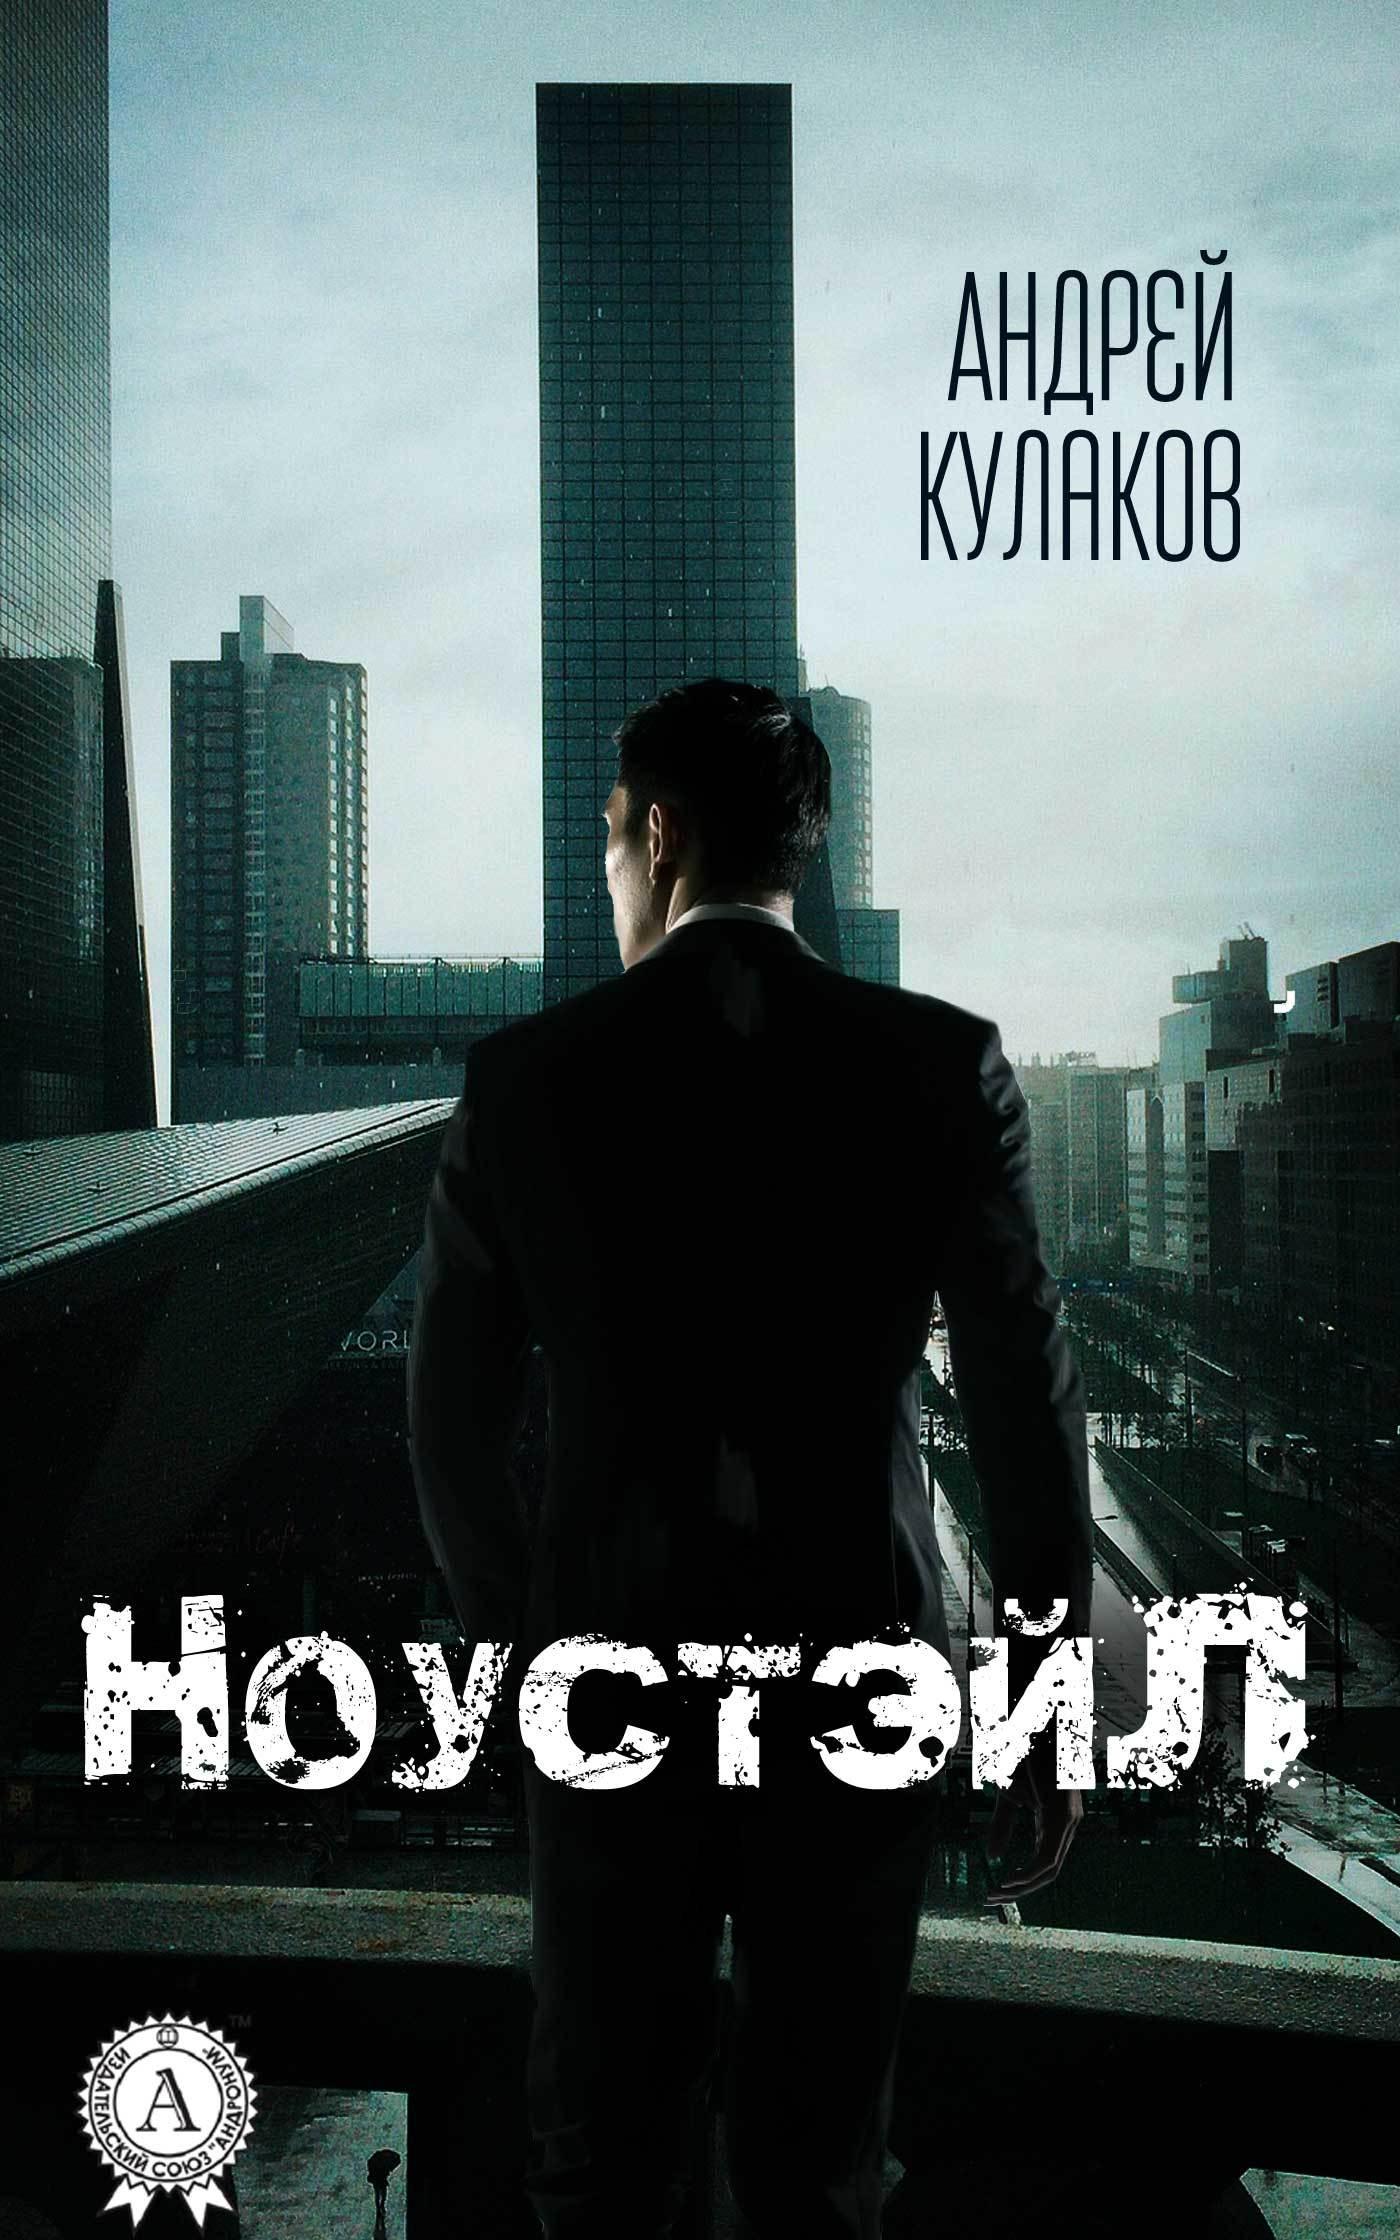 Андрей Кулаков бесплатно